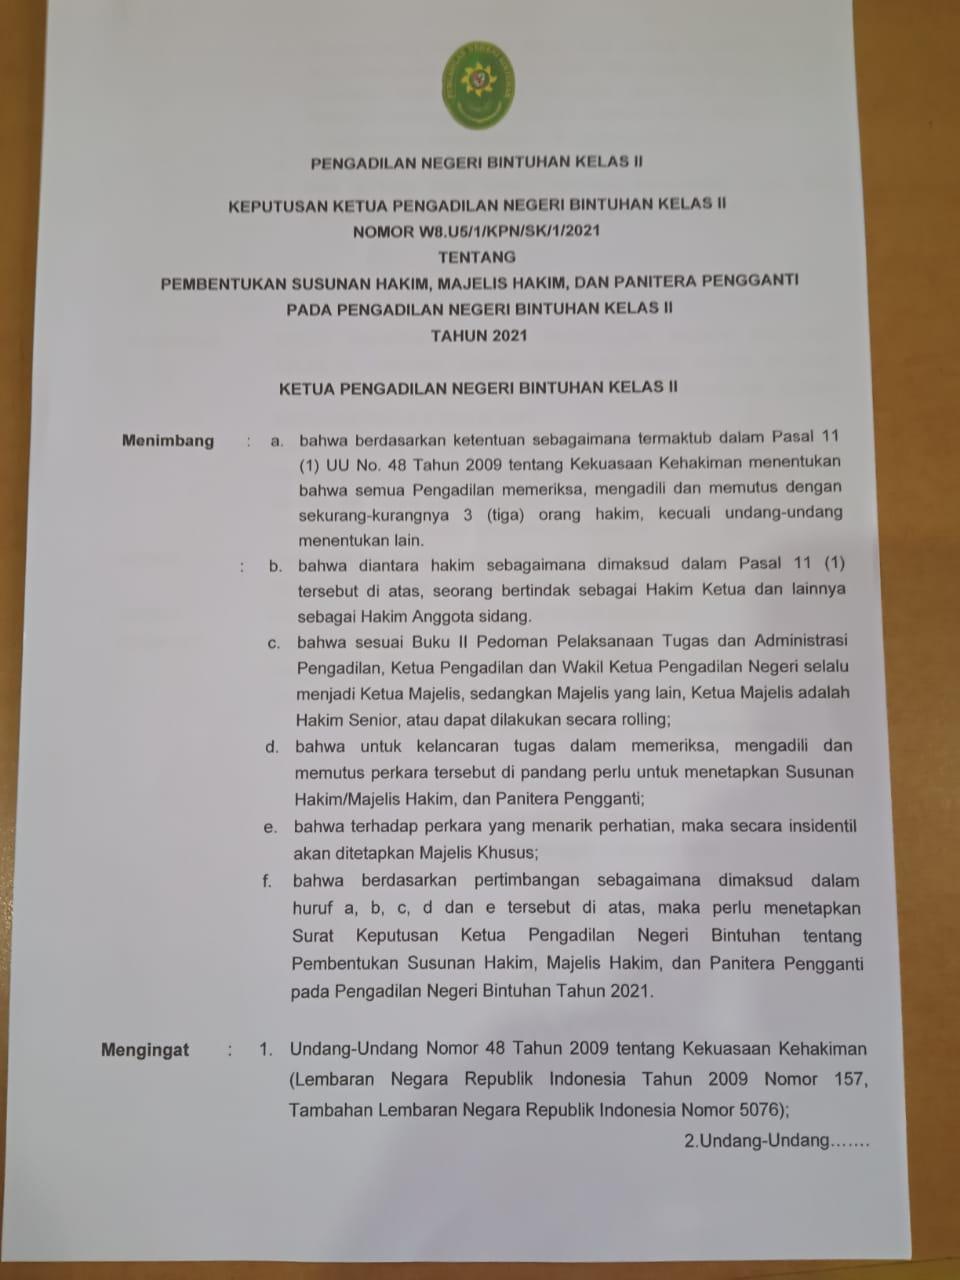 Sosialisasi dan Pendistribusian Surat Keputusan (SK) Terbaru Tahun 2021